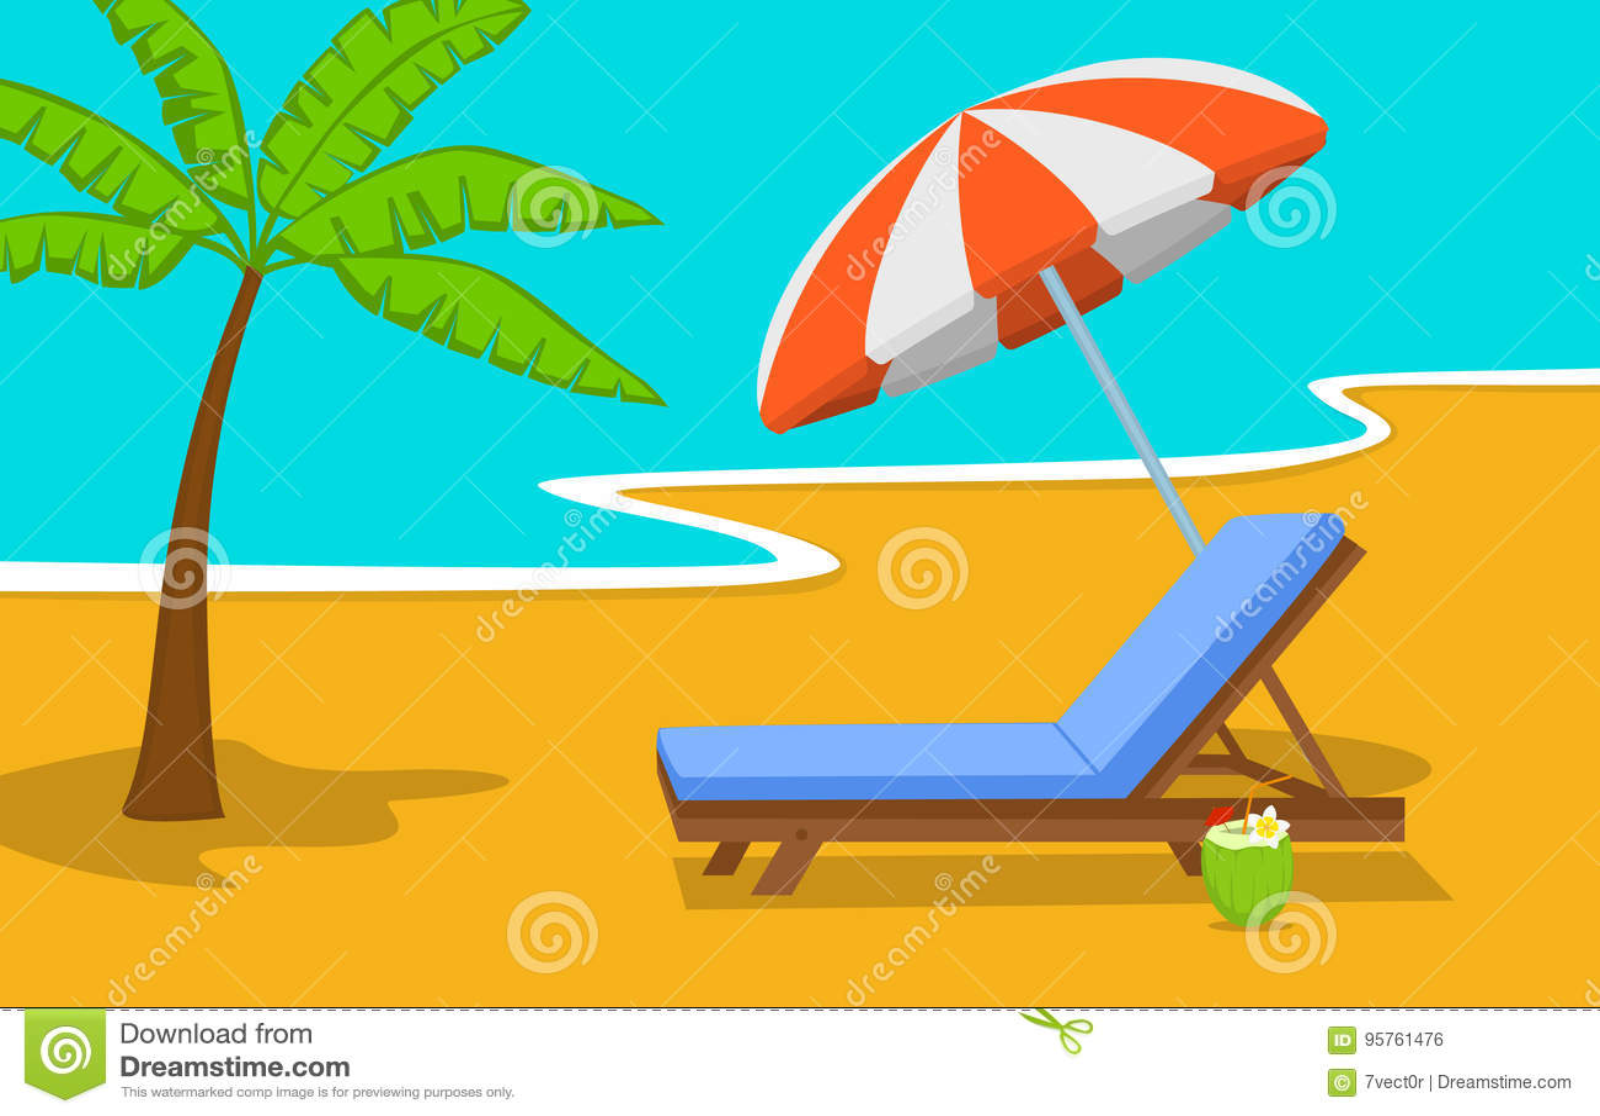 Fond Avec Temps ParapluieLa De Le Vacances Plage D'été 34AR5jLq